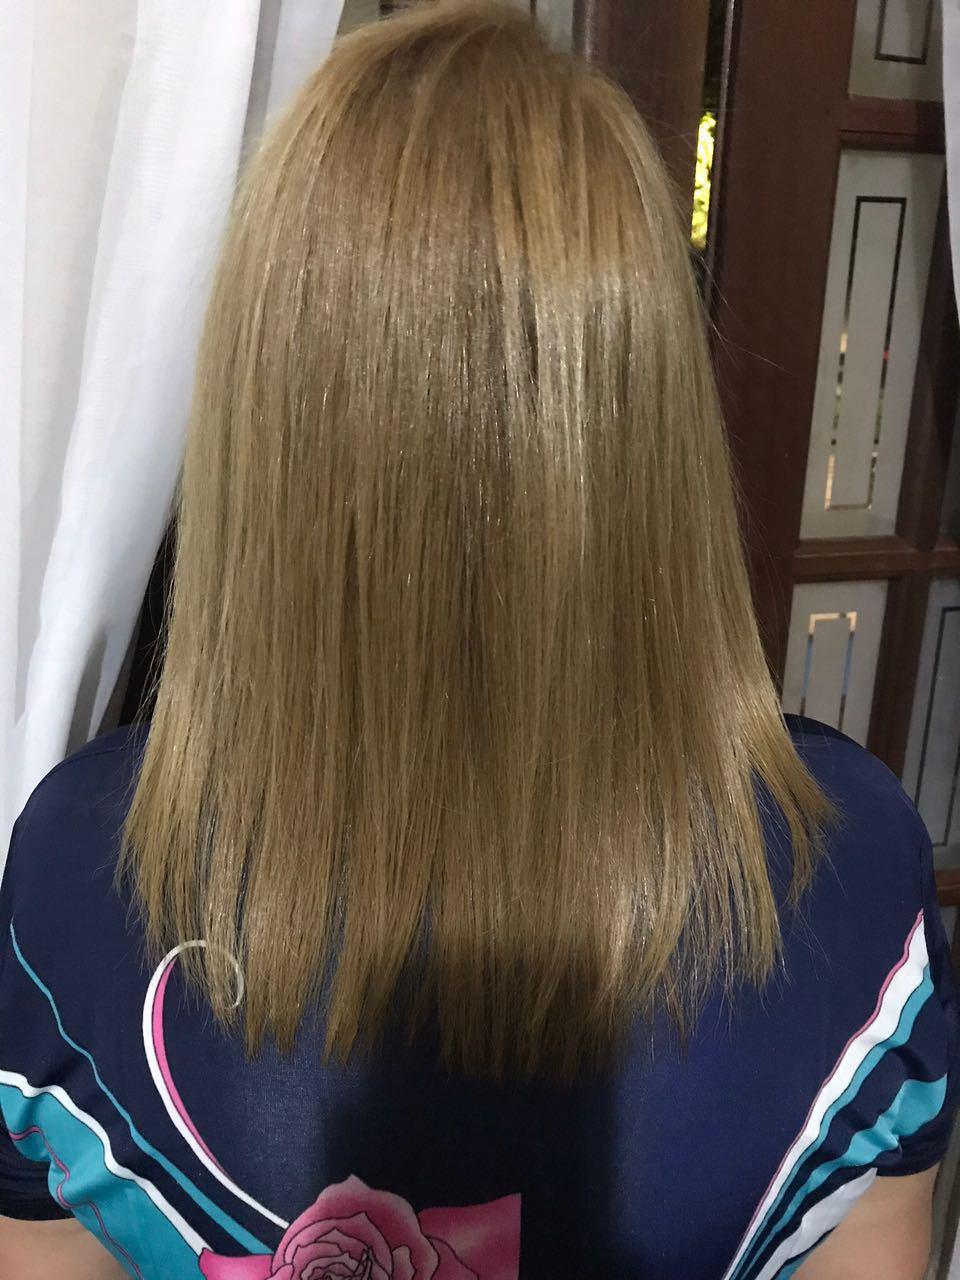 Plástica Capilar @felpsprofissional. Redução de volume, alinha os fios, cabelos nutridos, repõe massa e sela as cutículas. #plasticacapilar #tratamentocapilar #alinhamentodosfios #felpsprofissional cabelo estudante (cabeleireiro) auxiliar cabeleireiro(a) cabeleireiro(a)